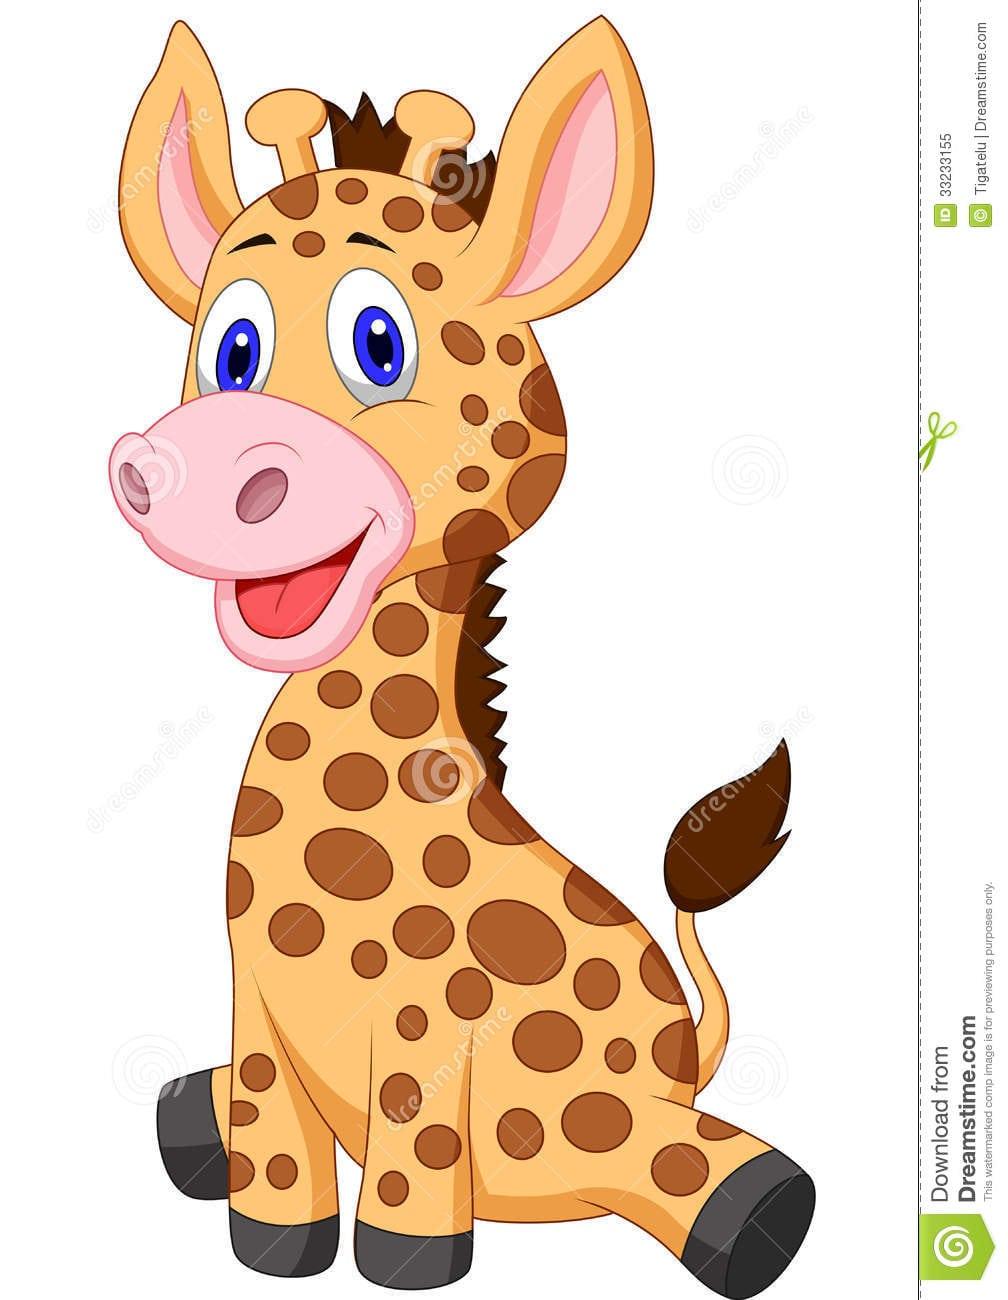 Desenhos Animados Bonitos Do Girafa Do Bebê Ilustração Do Vetor